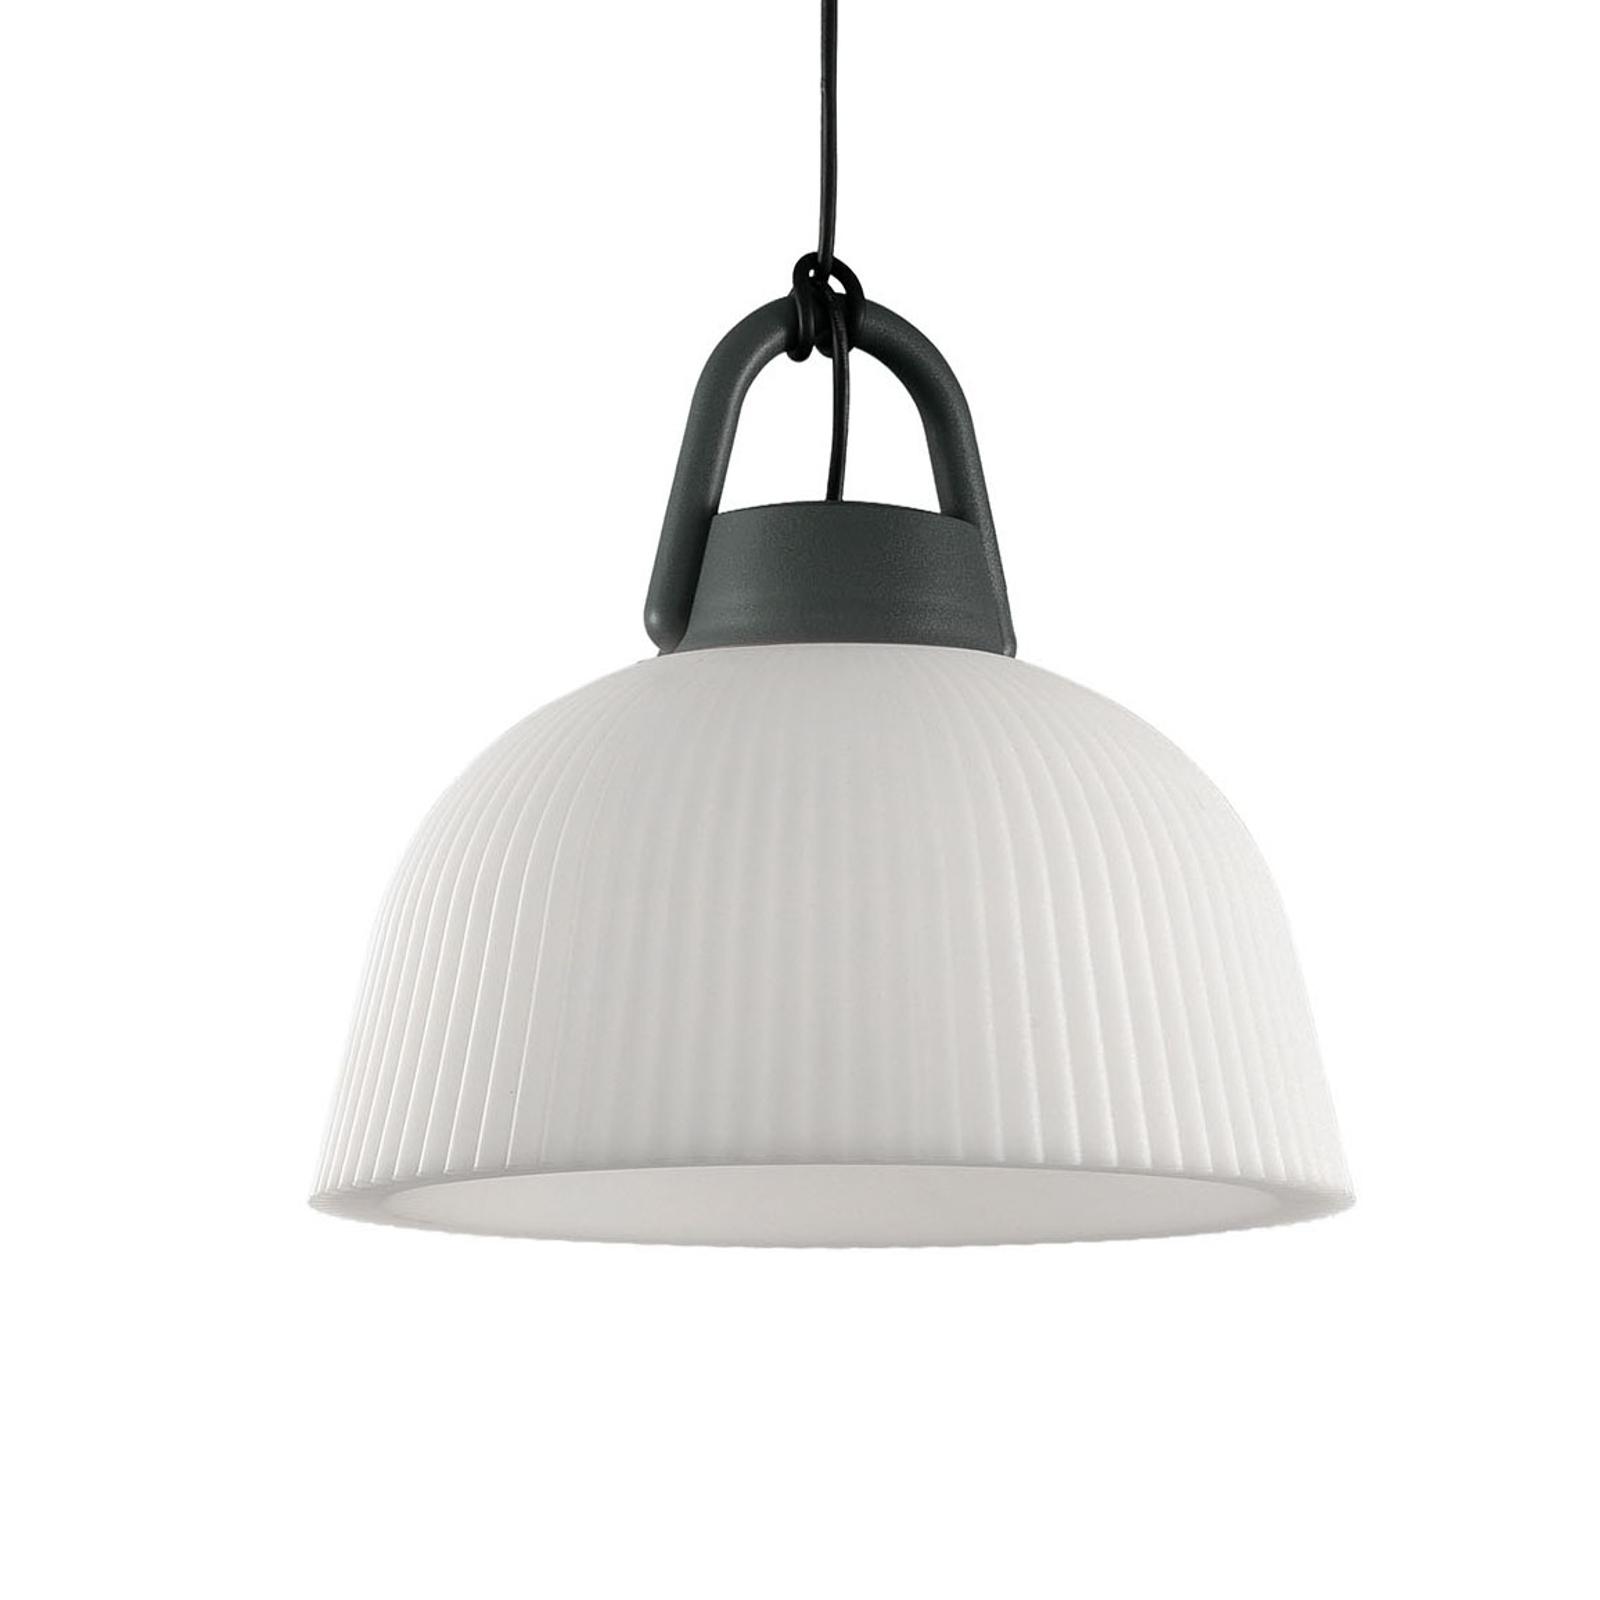 Lampa wisząca zewnętrzna Kinké IP65